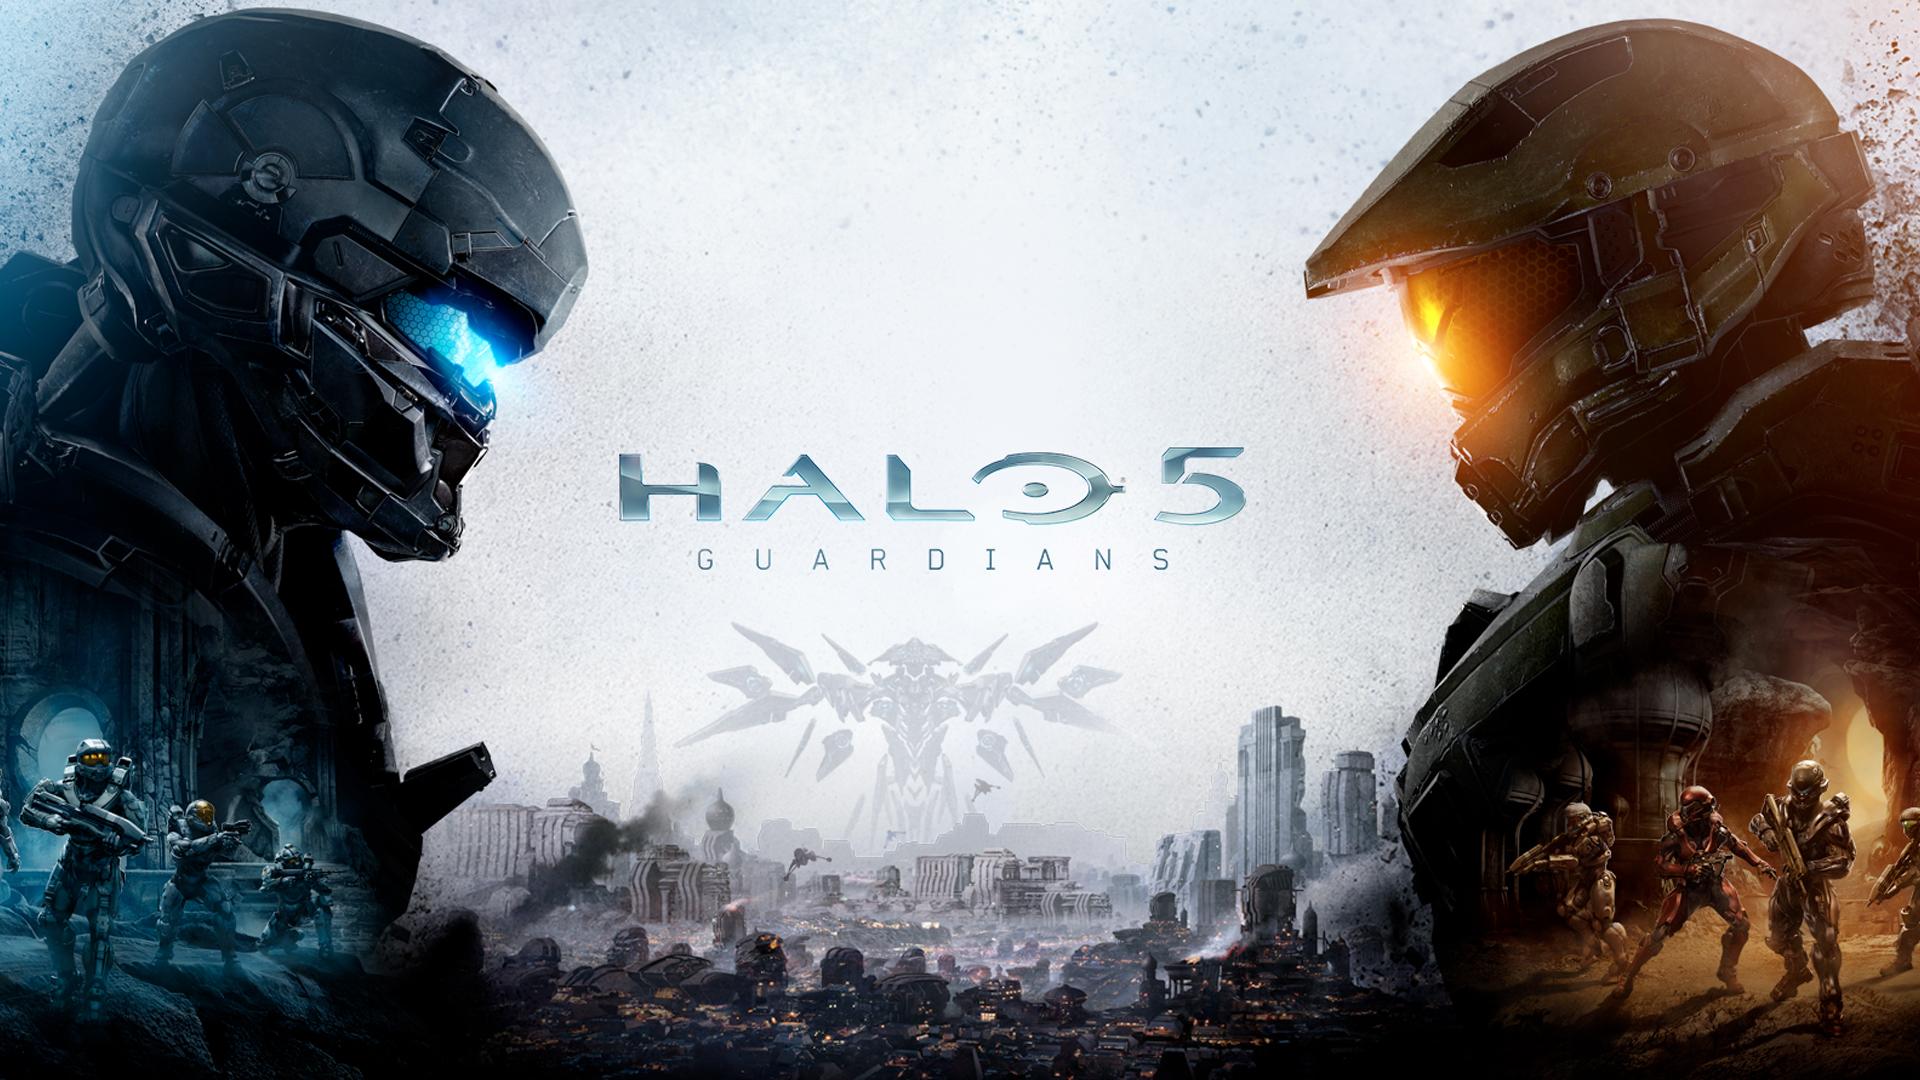 بازی Halo 5 برای ایکس باکس سری ایکس و سری اس بهینه سازی نخواهد شد